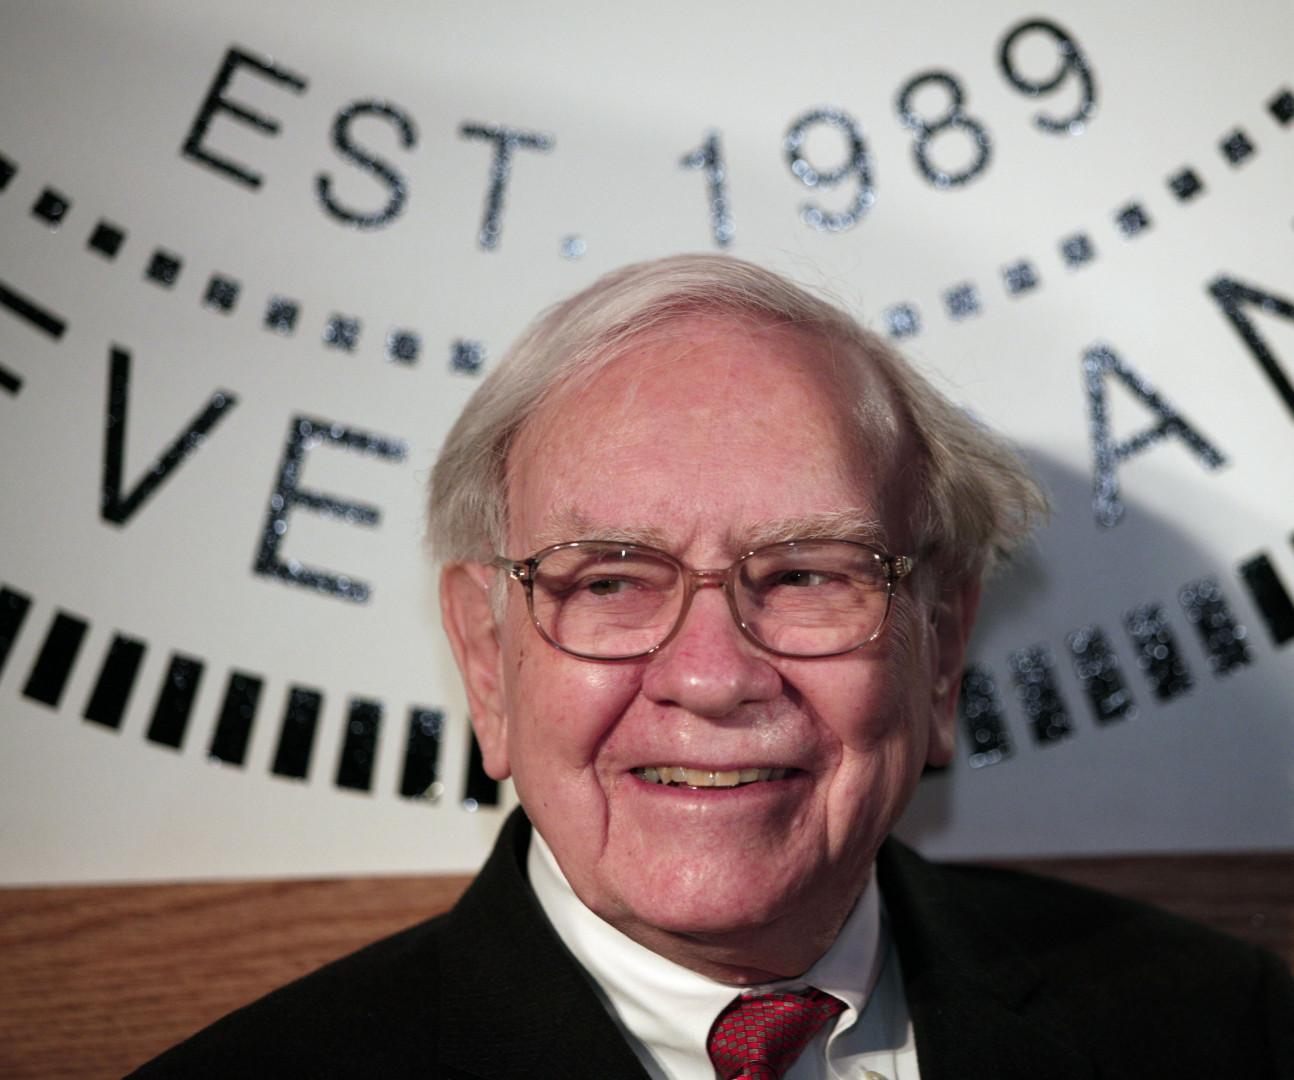 Le multi-milliardaire Warren Buffett, l'un des hommes les plus riches au monde